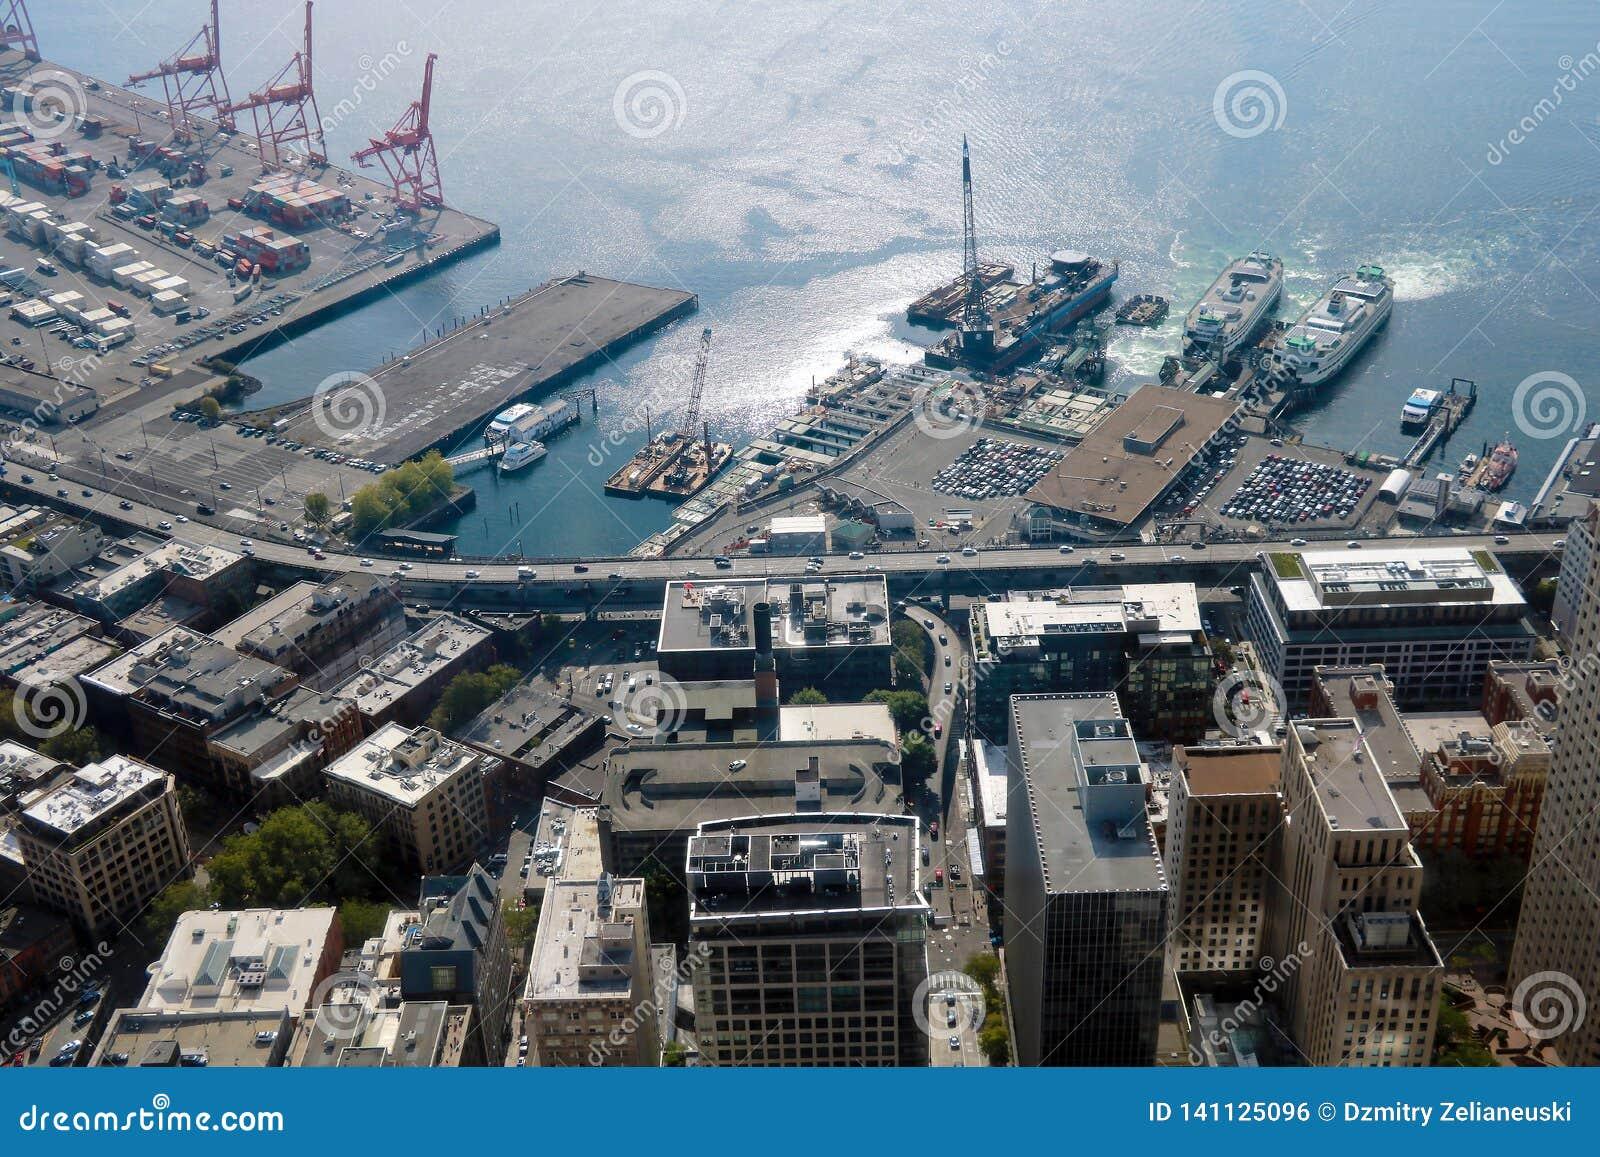 Seattle, USA, am 31. August 2018: Frachtkräne am Hafen von Seattle